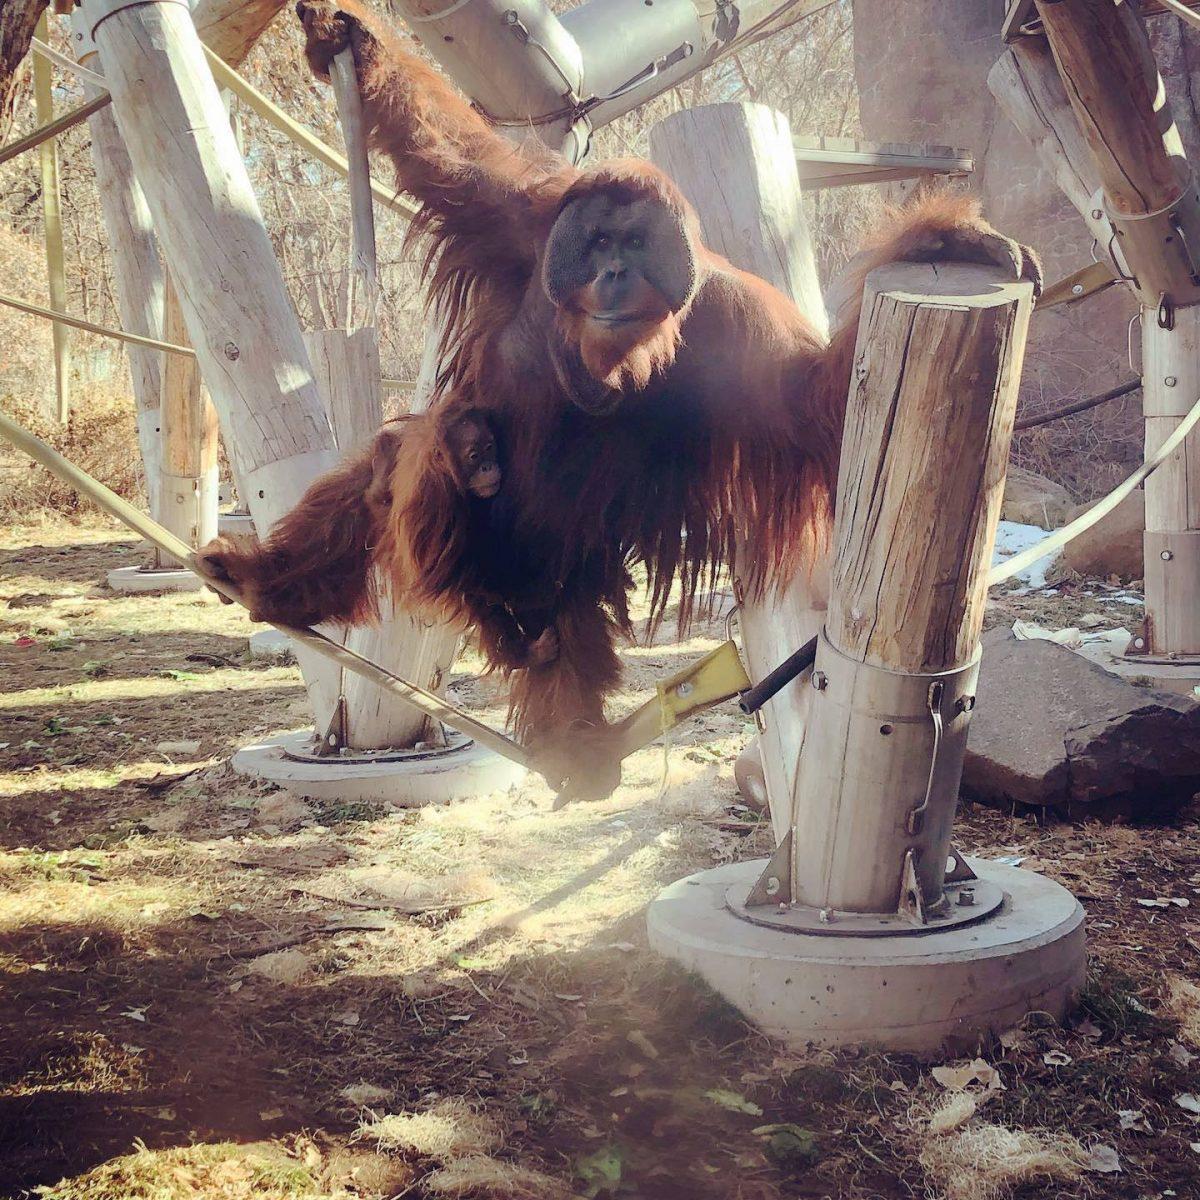 orangotango macho cuida da filha depois da morte da mae e comove zoologico 3 scaled - Orangotango macho cuida da filha depois da morte da mãe e comove zoológico